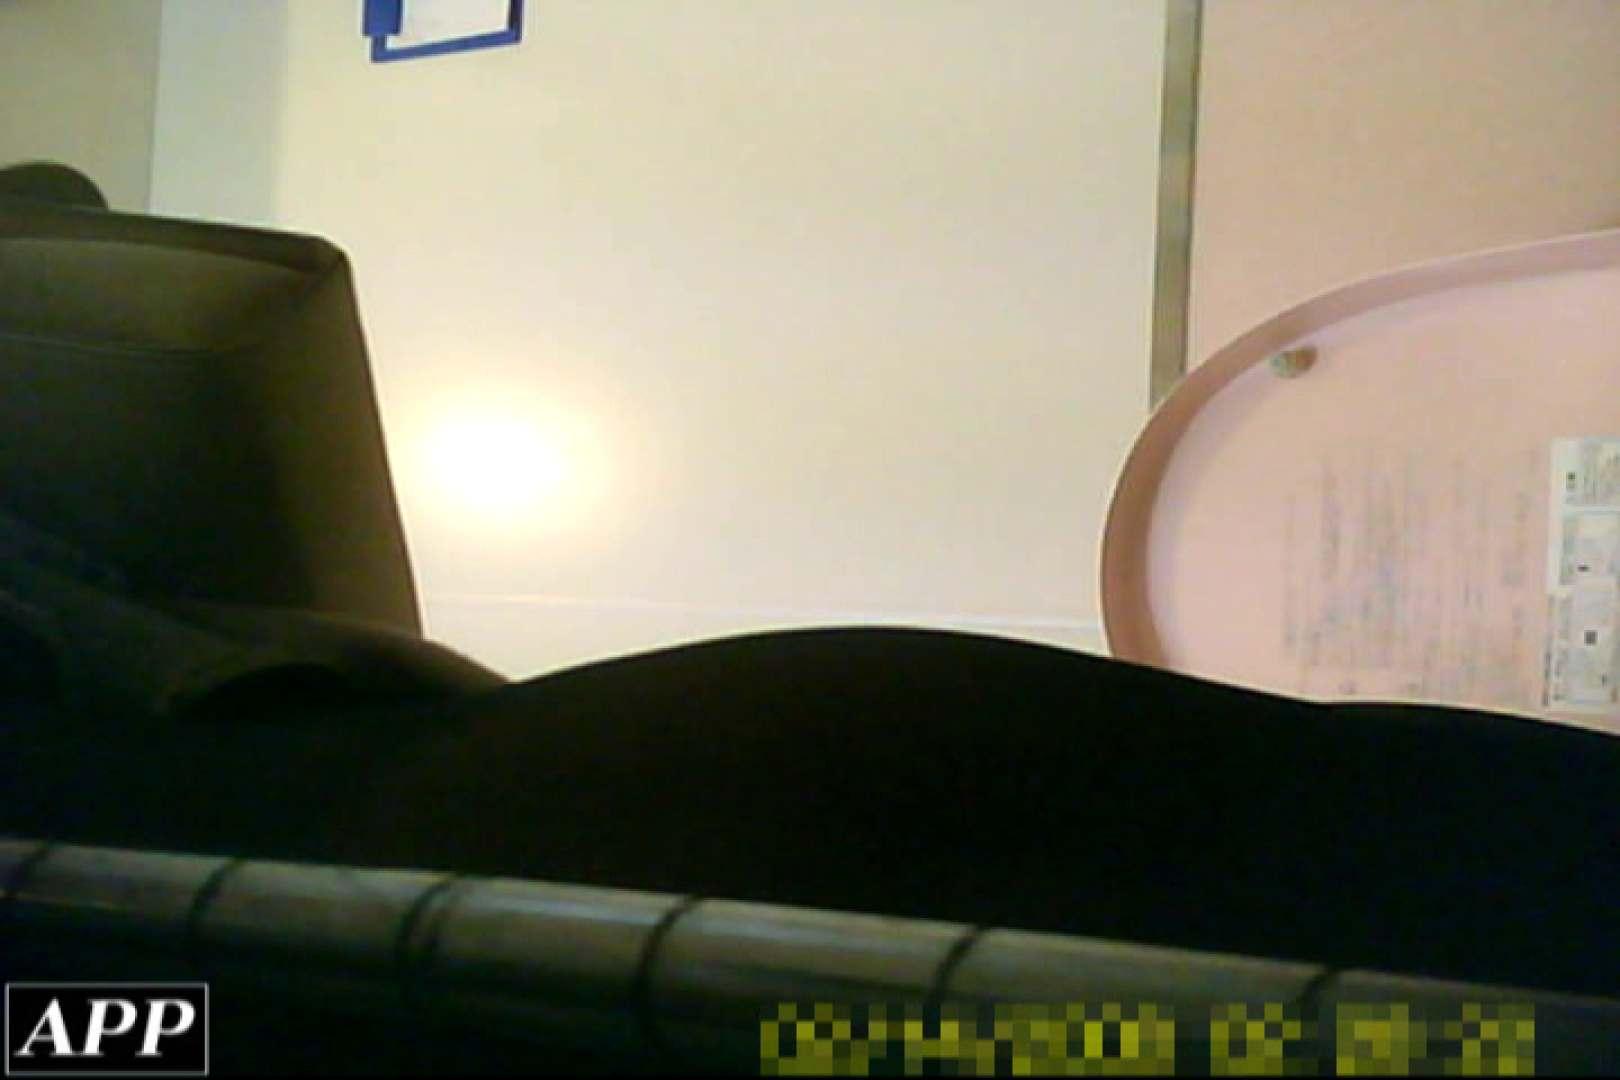 3視点洗面所 vol.140 オマンコ見放題 オマンコ動画キャプチャ 93枚 89